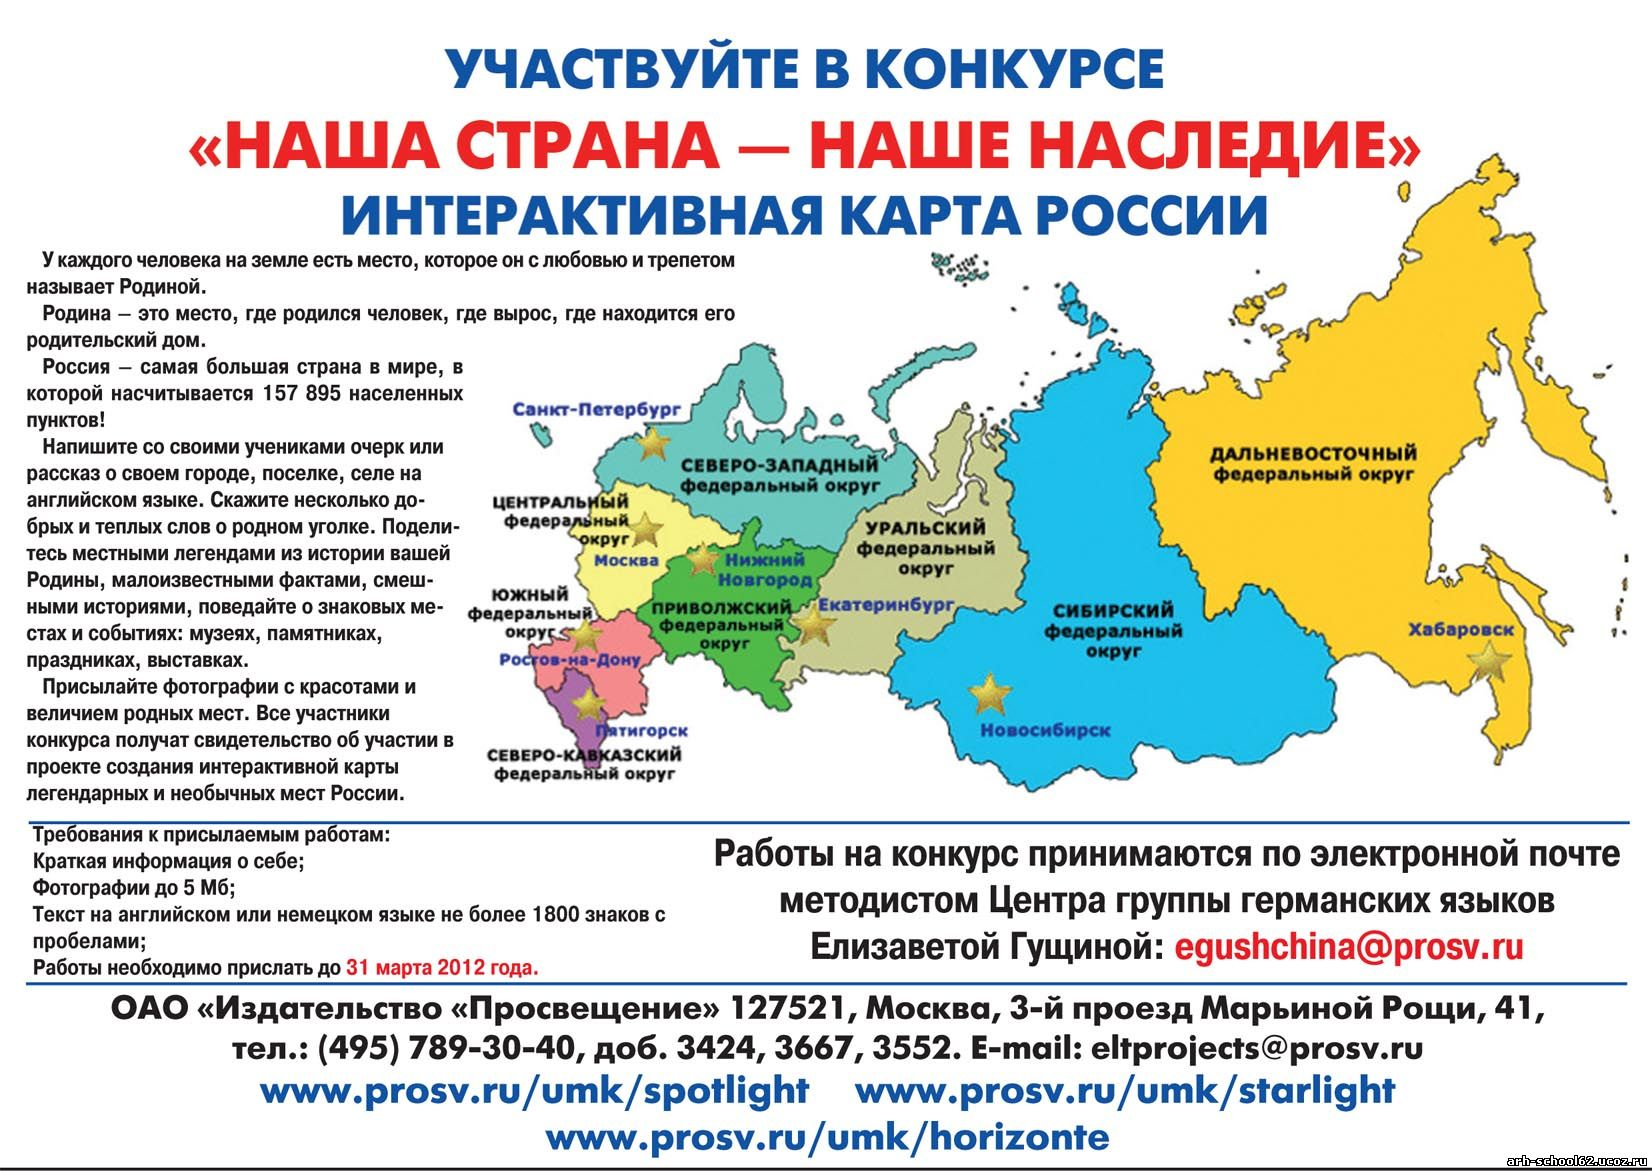 Издательство просвещение конкурс интерактивная карта россии